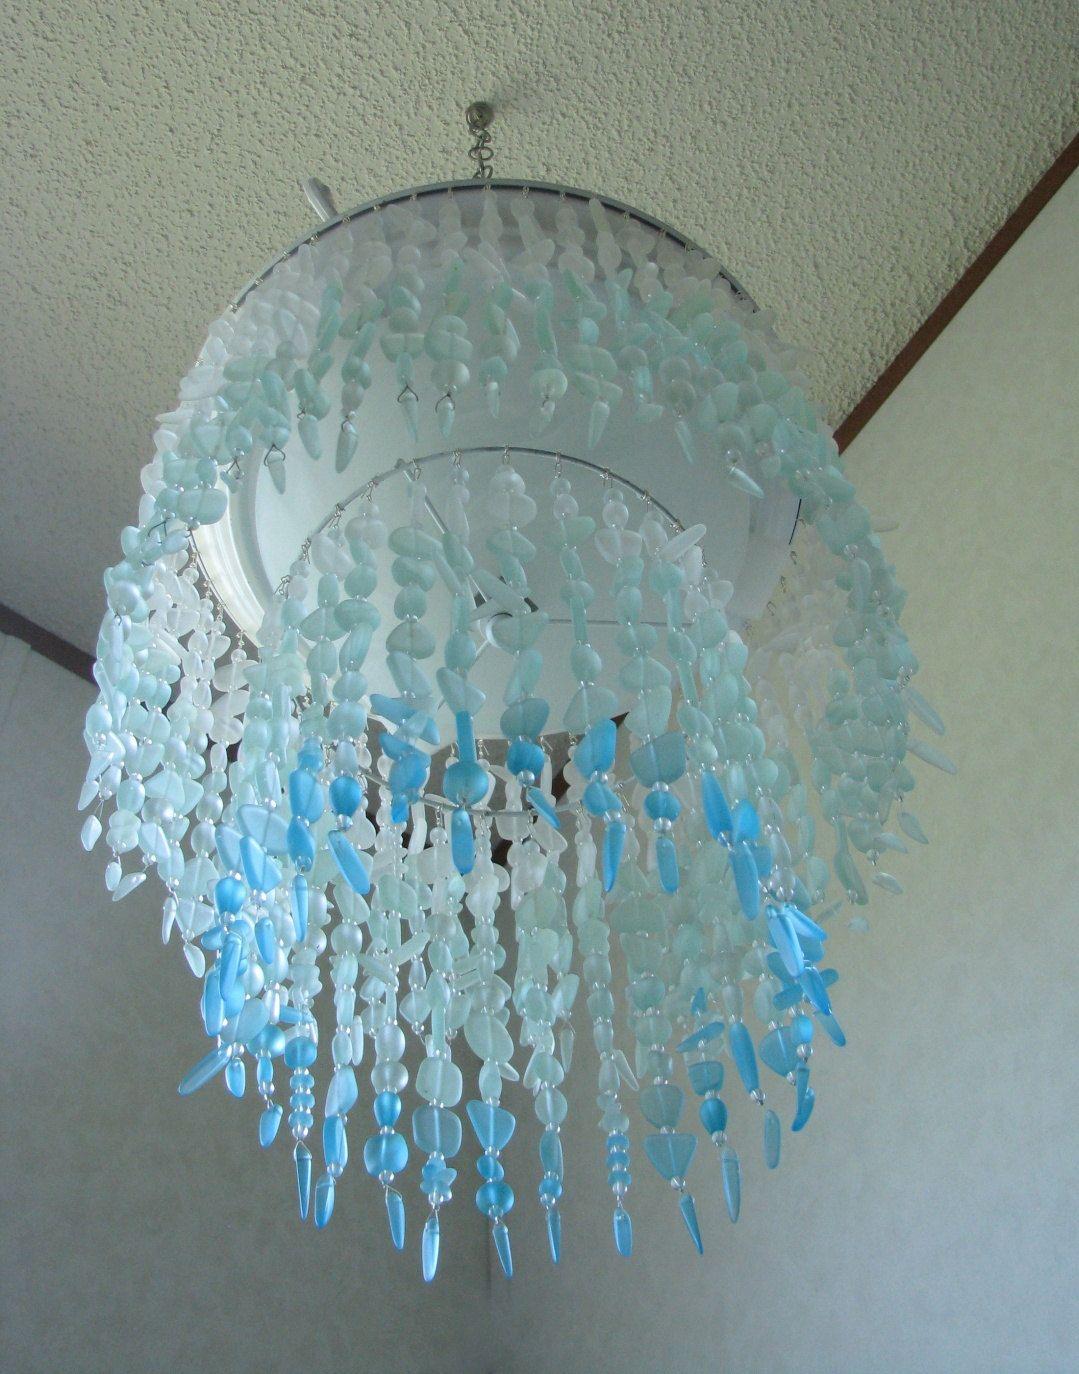 Sea Glass Chandelier Lighting Fixture Coastal Decor Blue Ombre Etsy Sea Glass Chandelier Sea Glass Decor Chandelier Lighting Fixtures